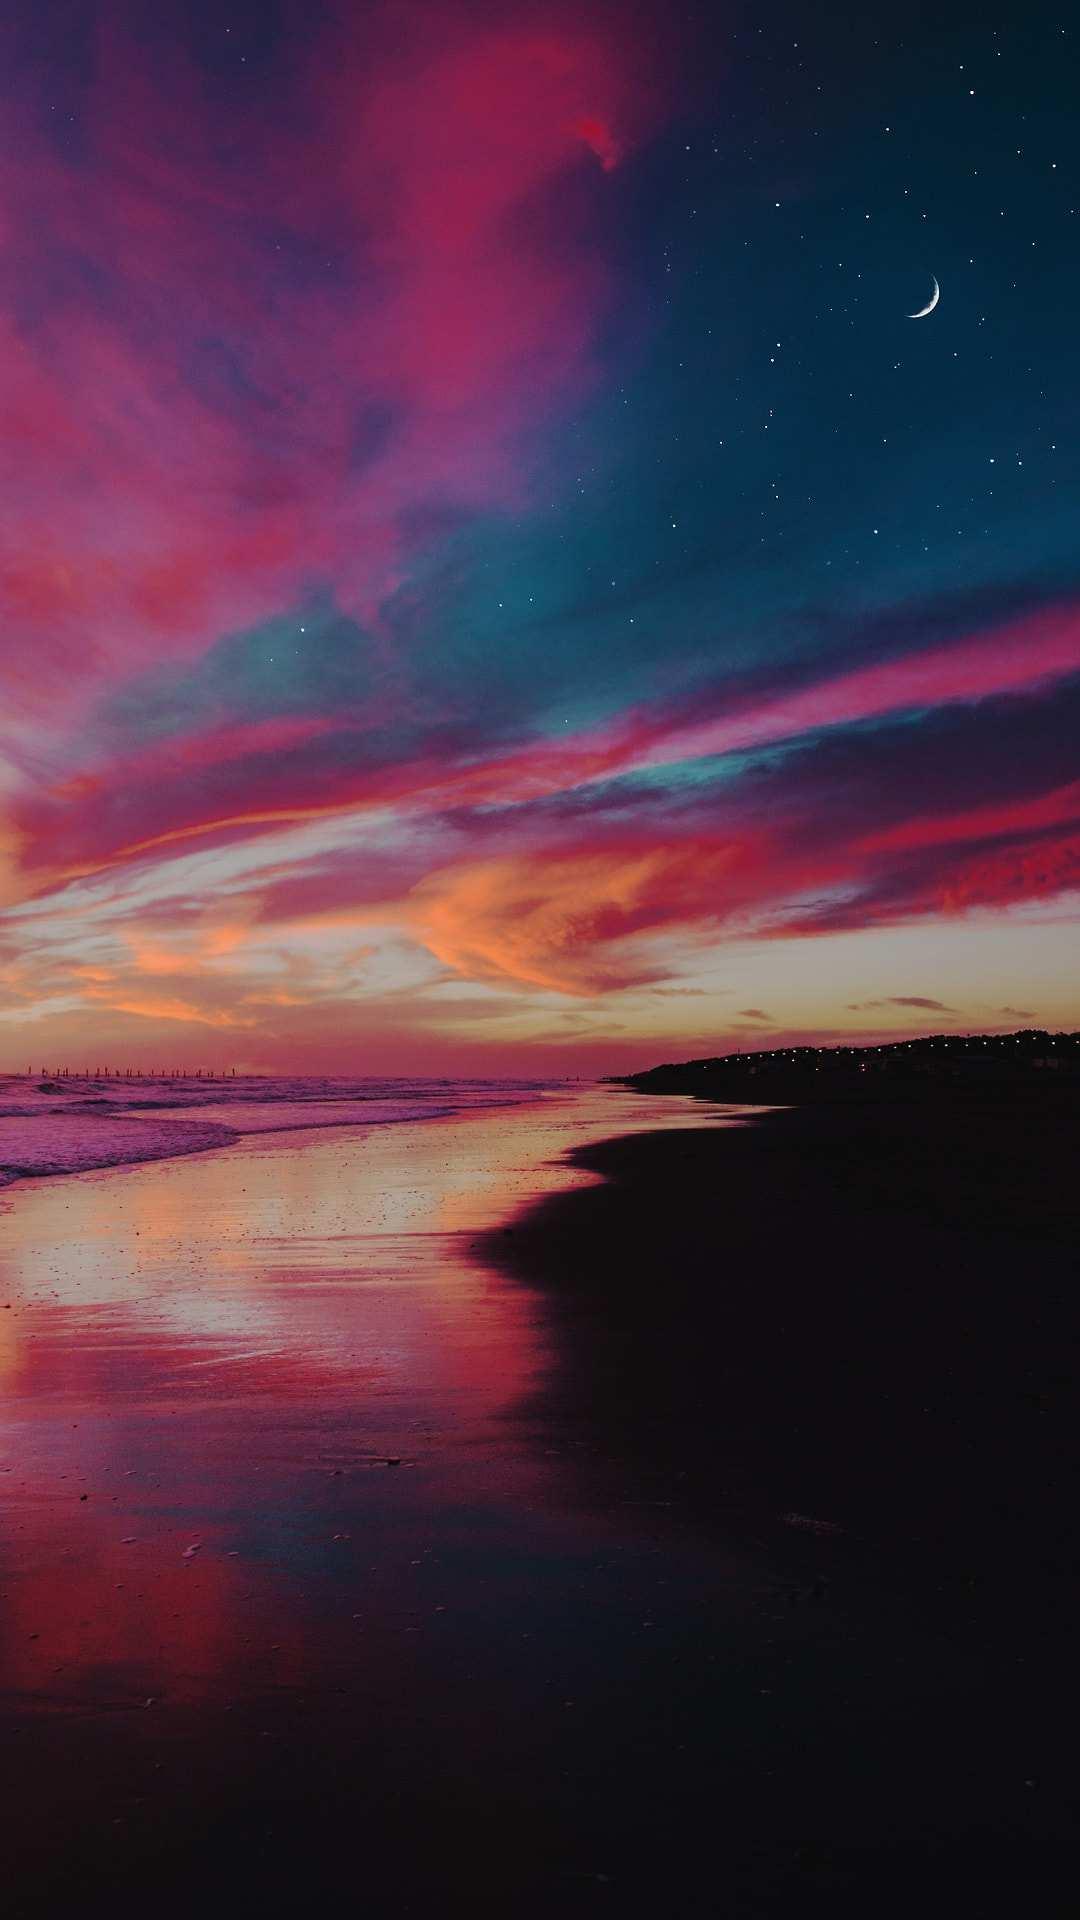 Evening Beach Sunset Clouds Half Moon iPhone Wallpaper